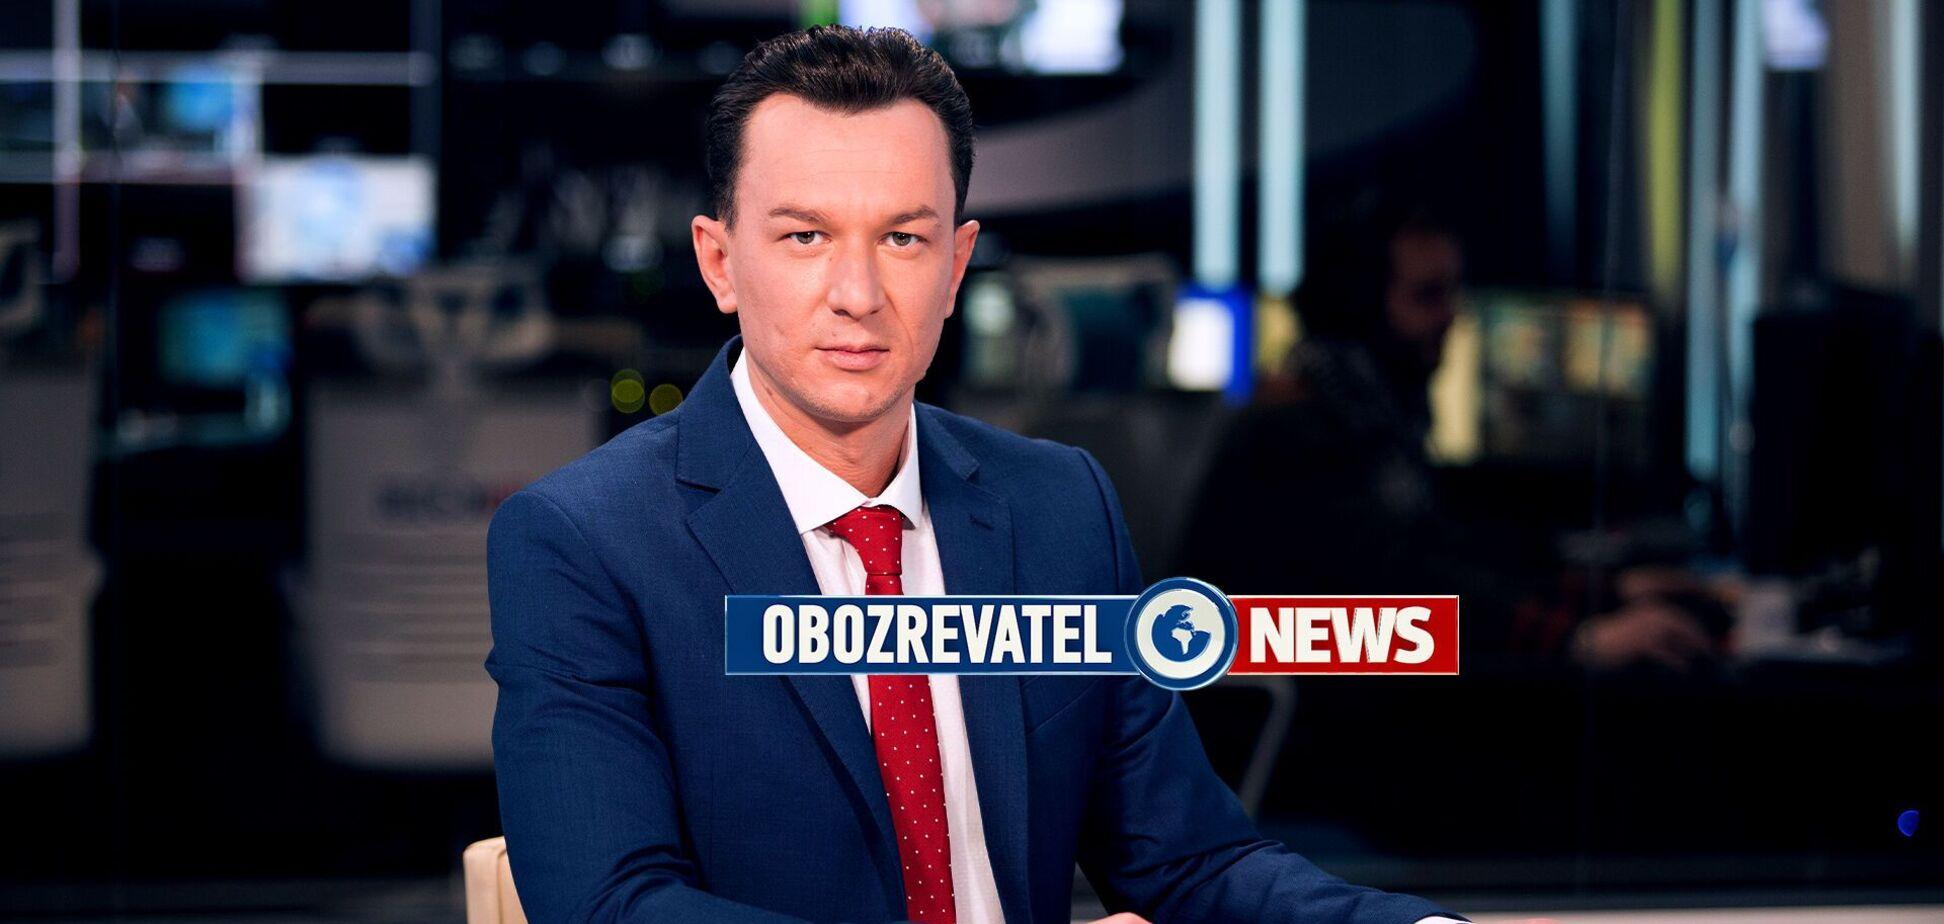 Четвертая волна коронавируса, турборежим ВСУ, последние дни 'евроблях', – основные темы краткого обзора новостей